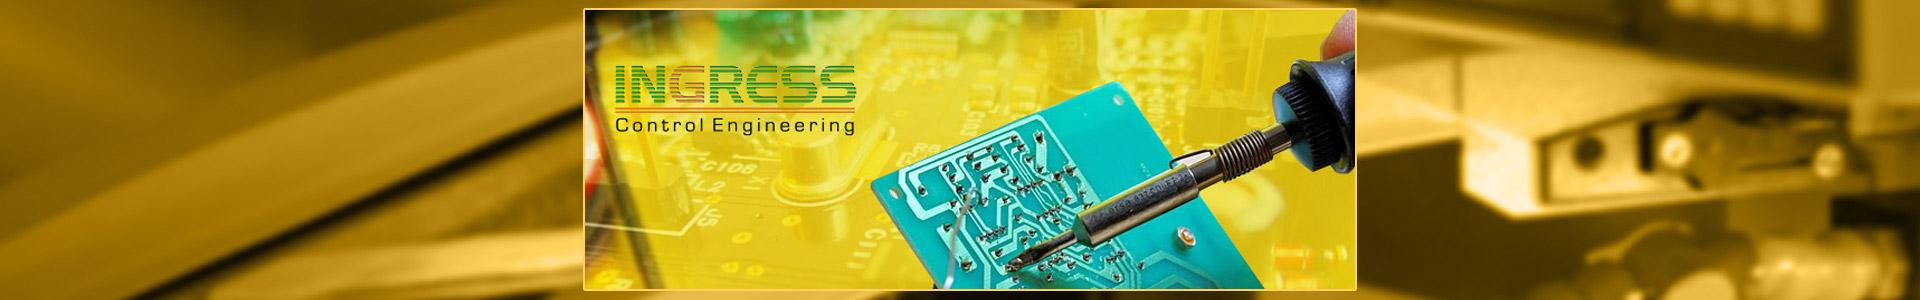 Printed Circuit Board Repair Pcb Repairs Malaysia